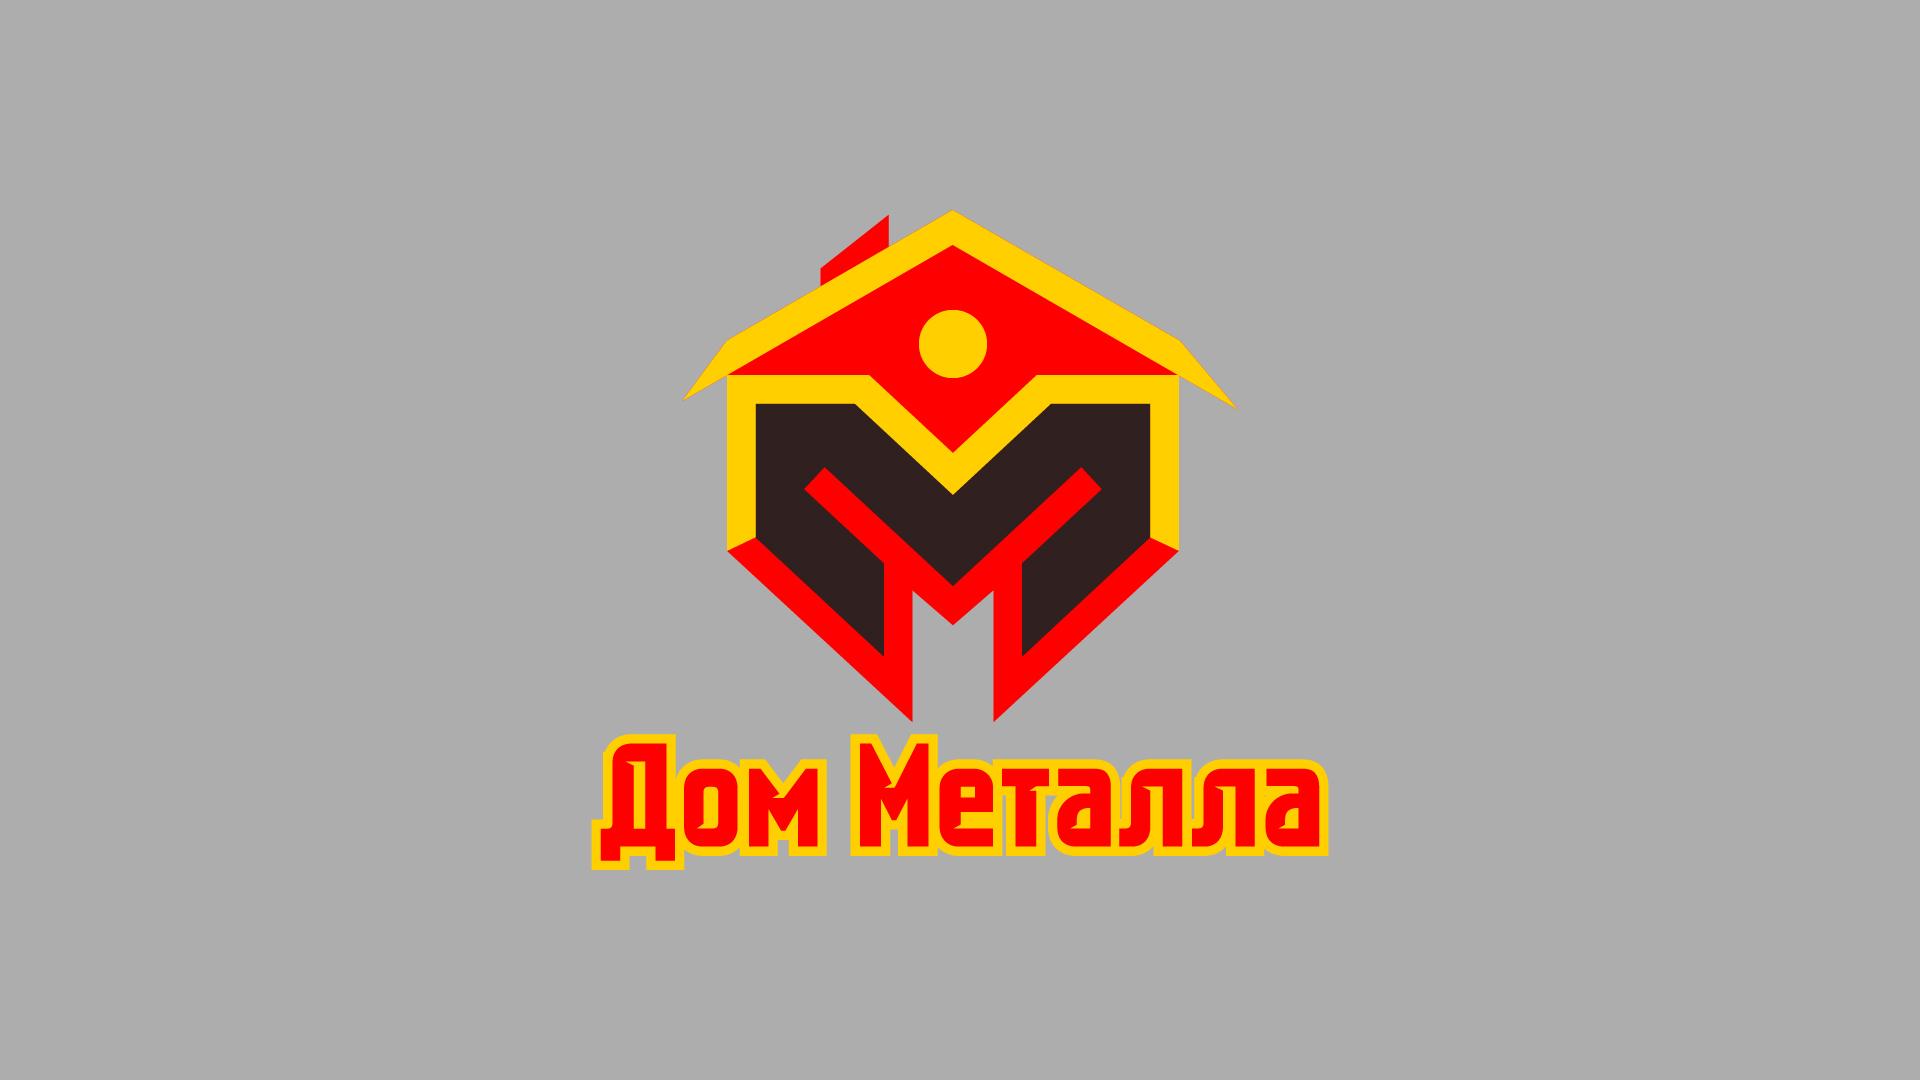 Разработка логотипа фото f_7655c5ab89cf0673.jpg